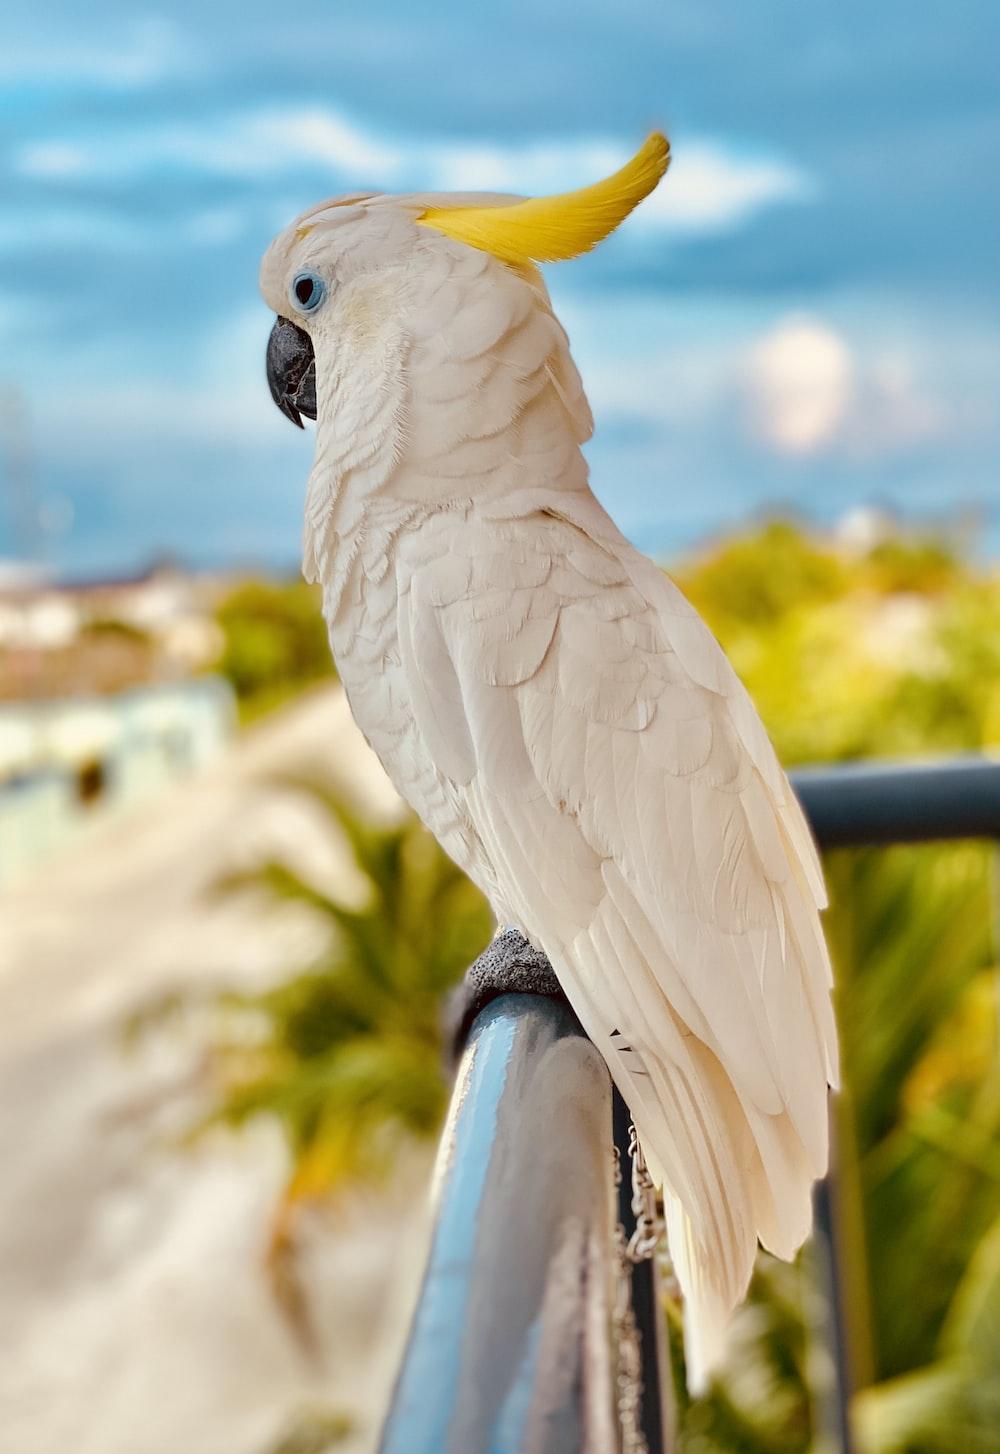 white and yellow bird on black metal bar during daytime